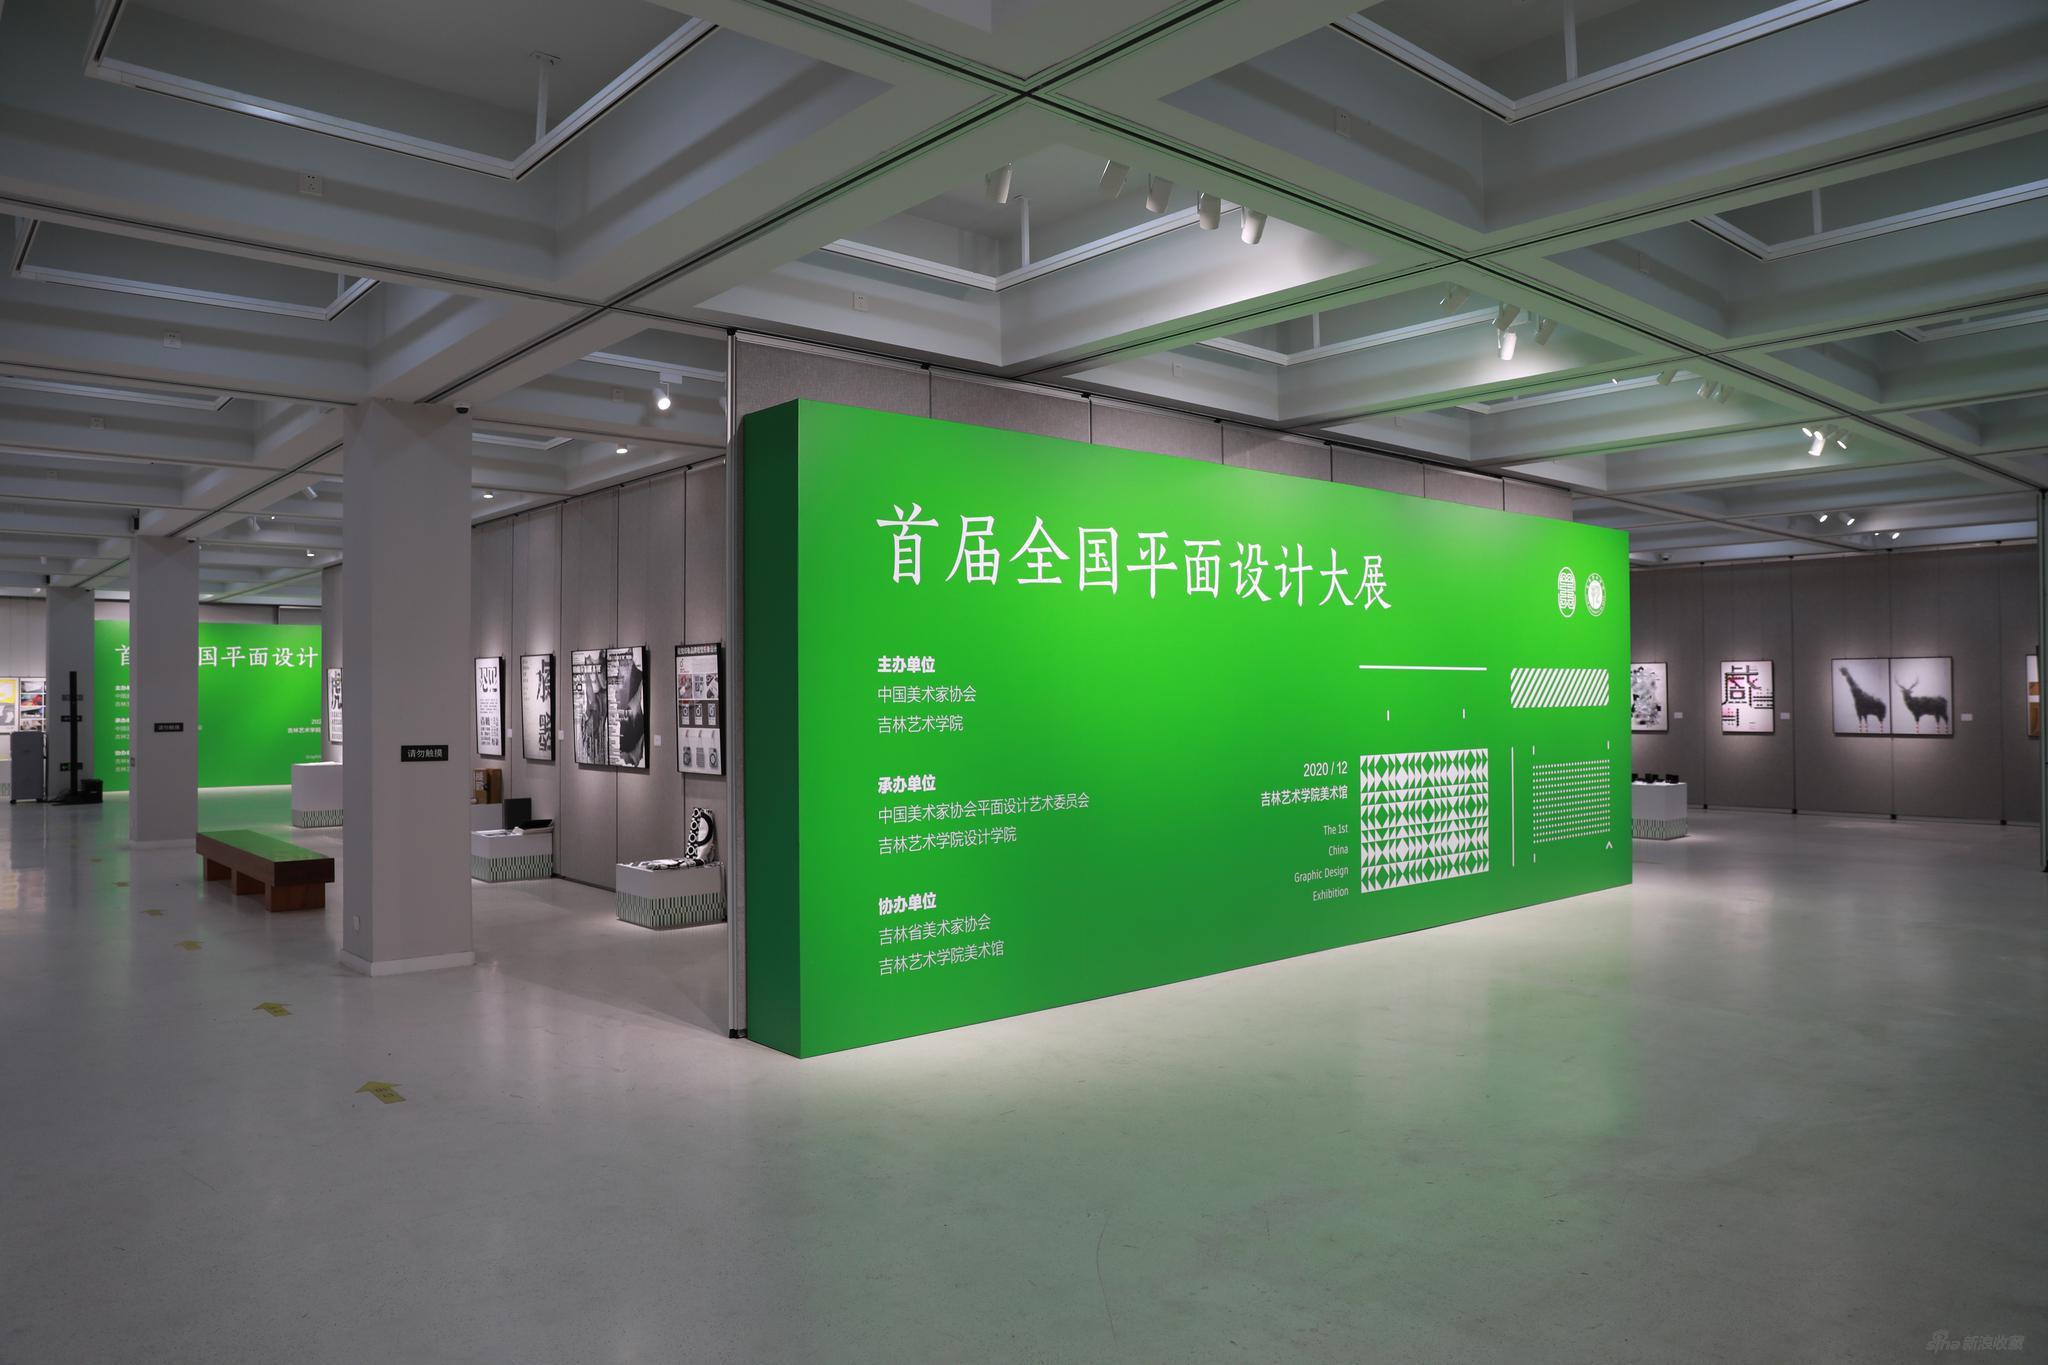 展覽推薦 | 吉林藝術學院首屆全國平面設計大展